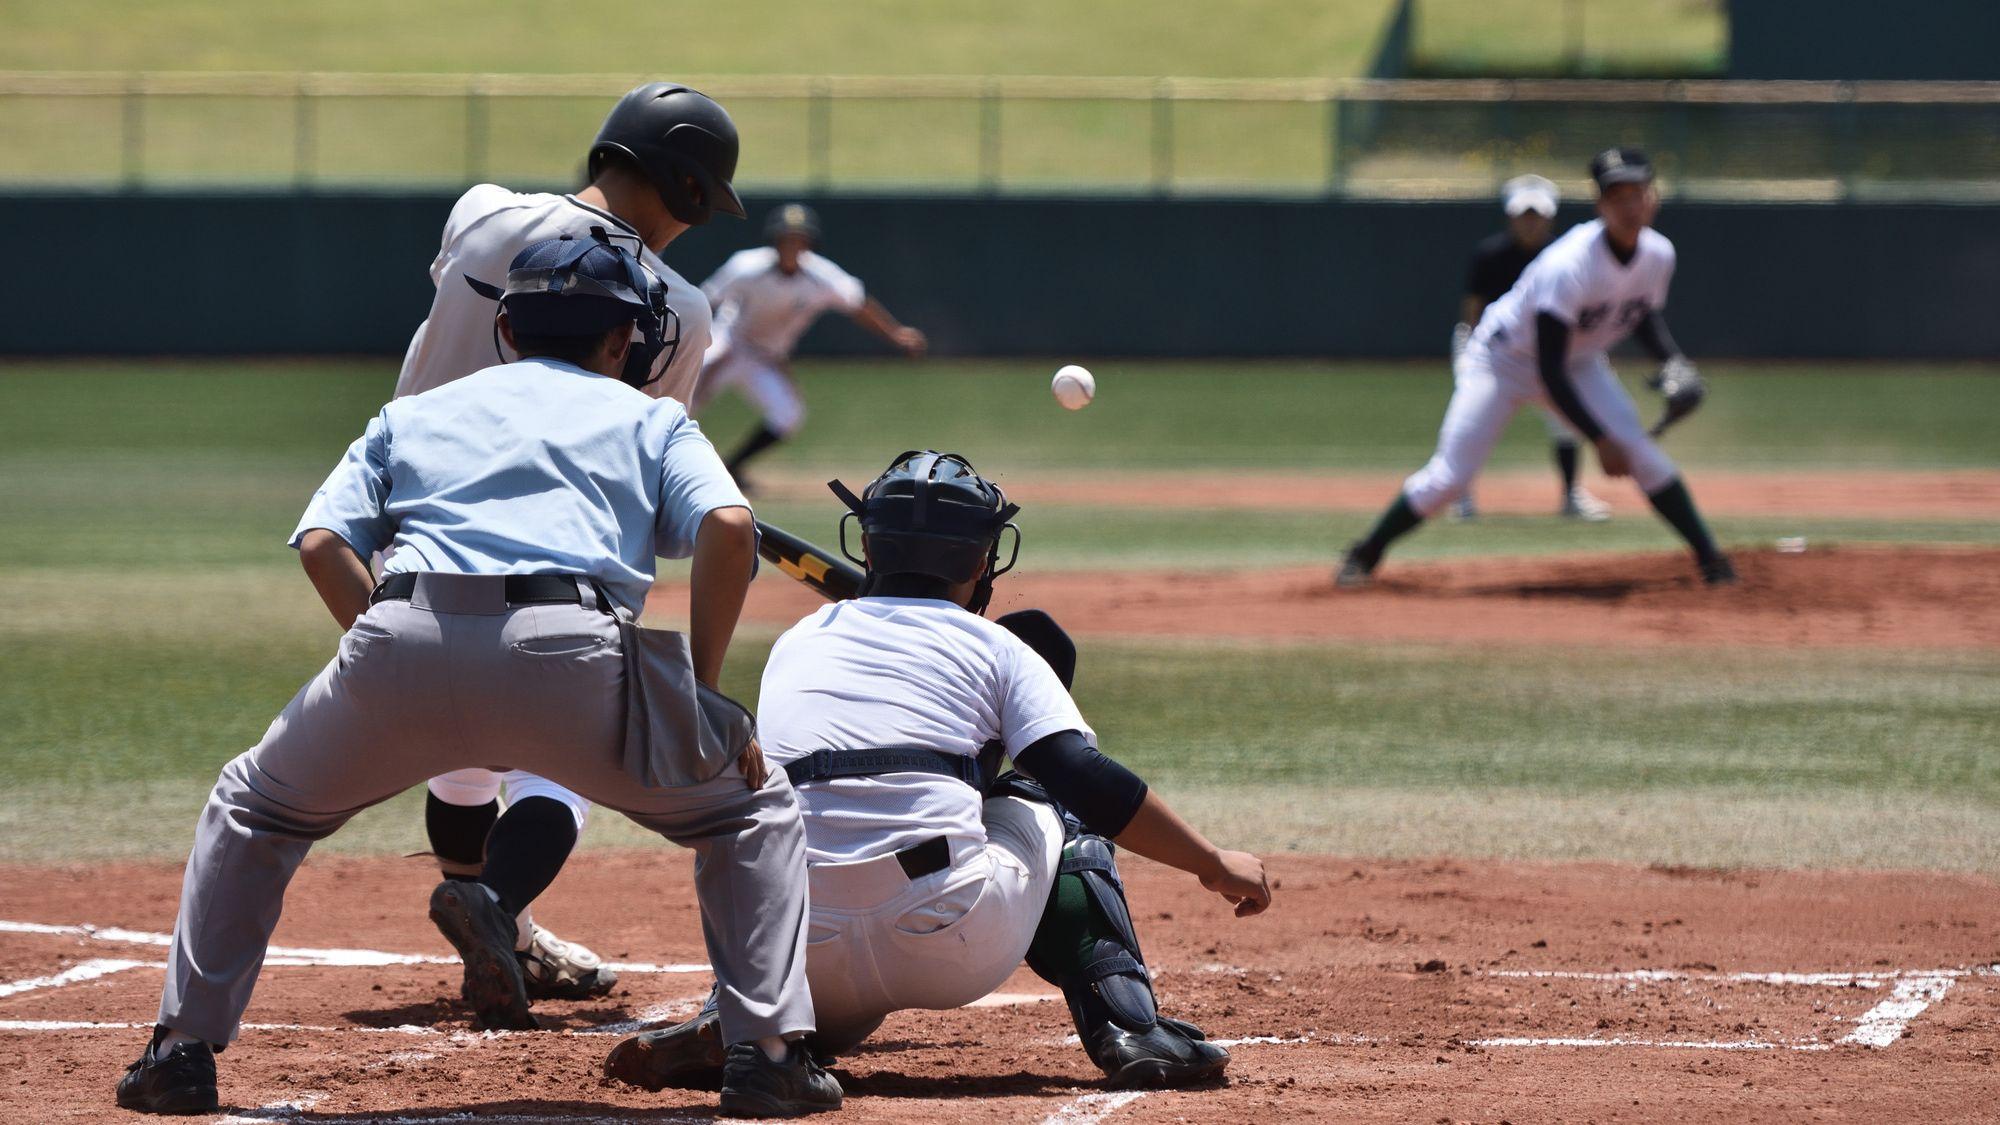 慶應監督が警鐘「高校野球で体罰」が消えない訳 | スポーツ | 東洋経済オンライン | 経済ニュースの新基準